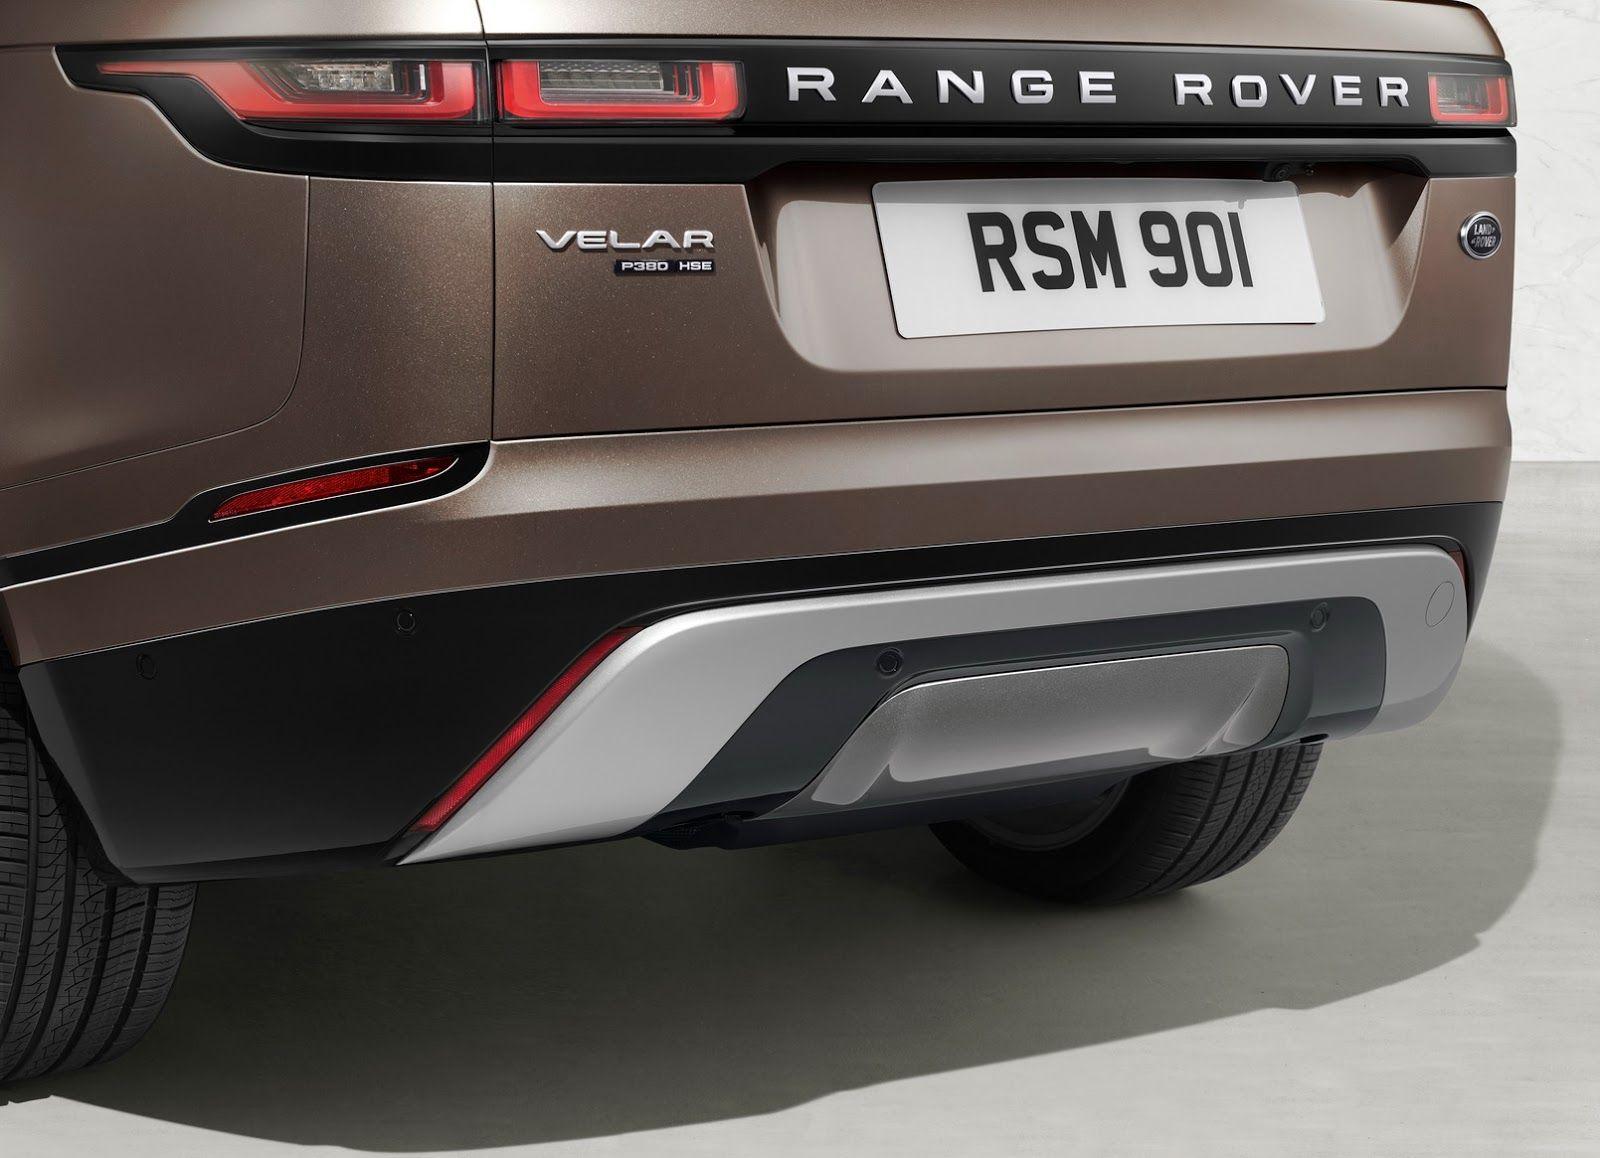 2018 range rover velar fully revealed priced from 49 900 117 photos